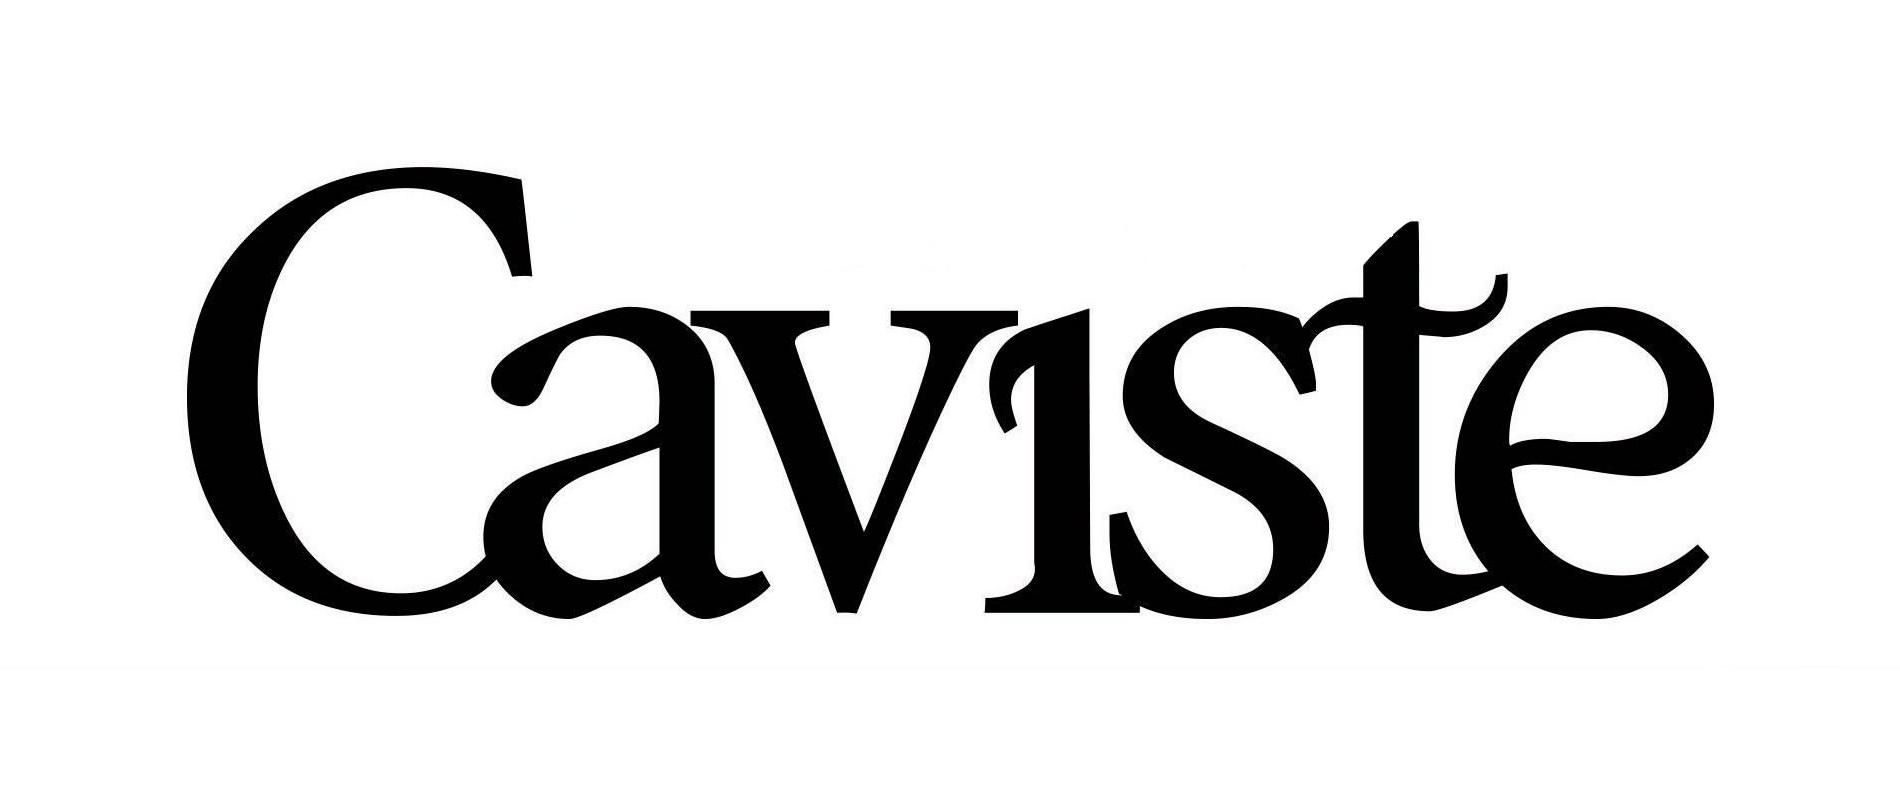 Caviste или Кавист